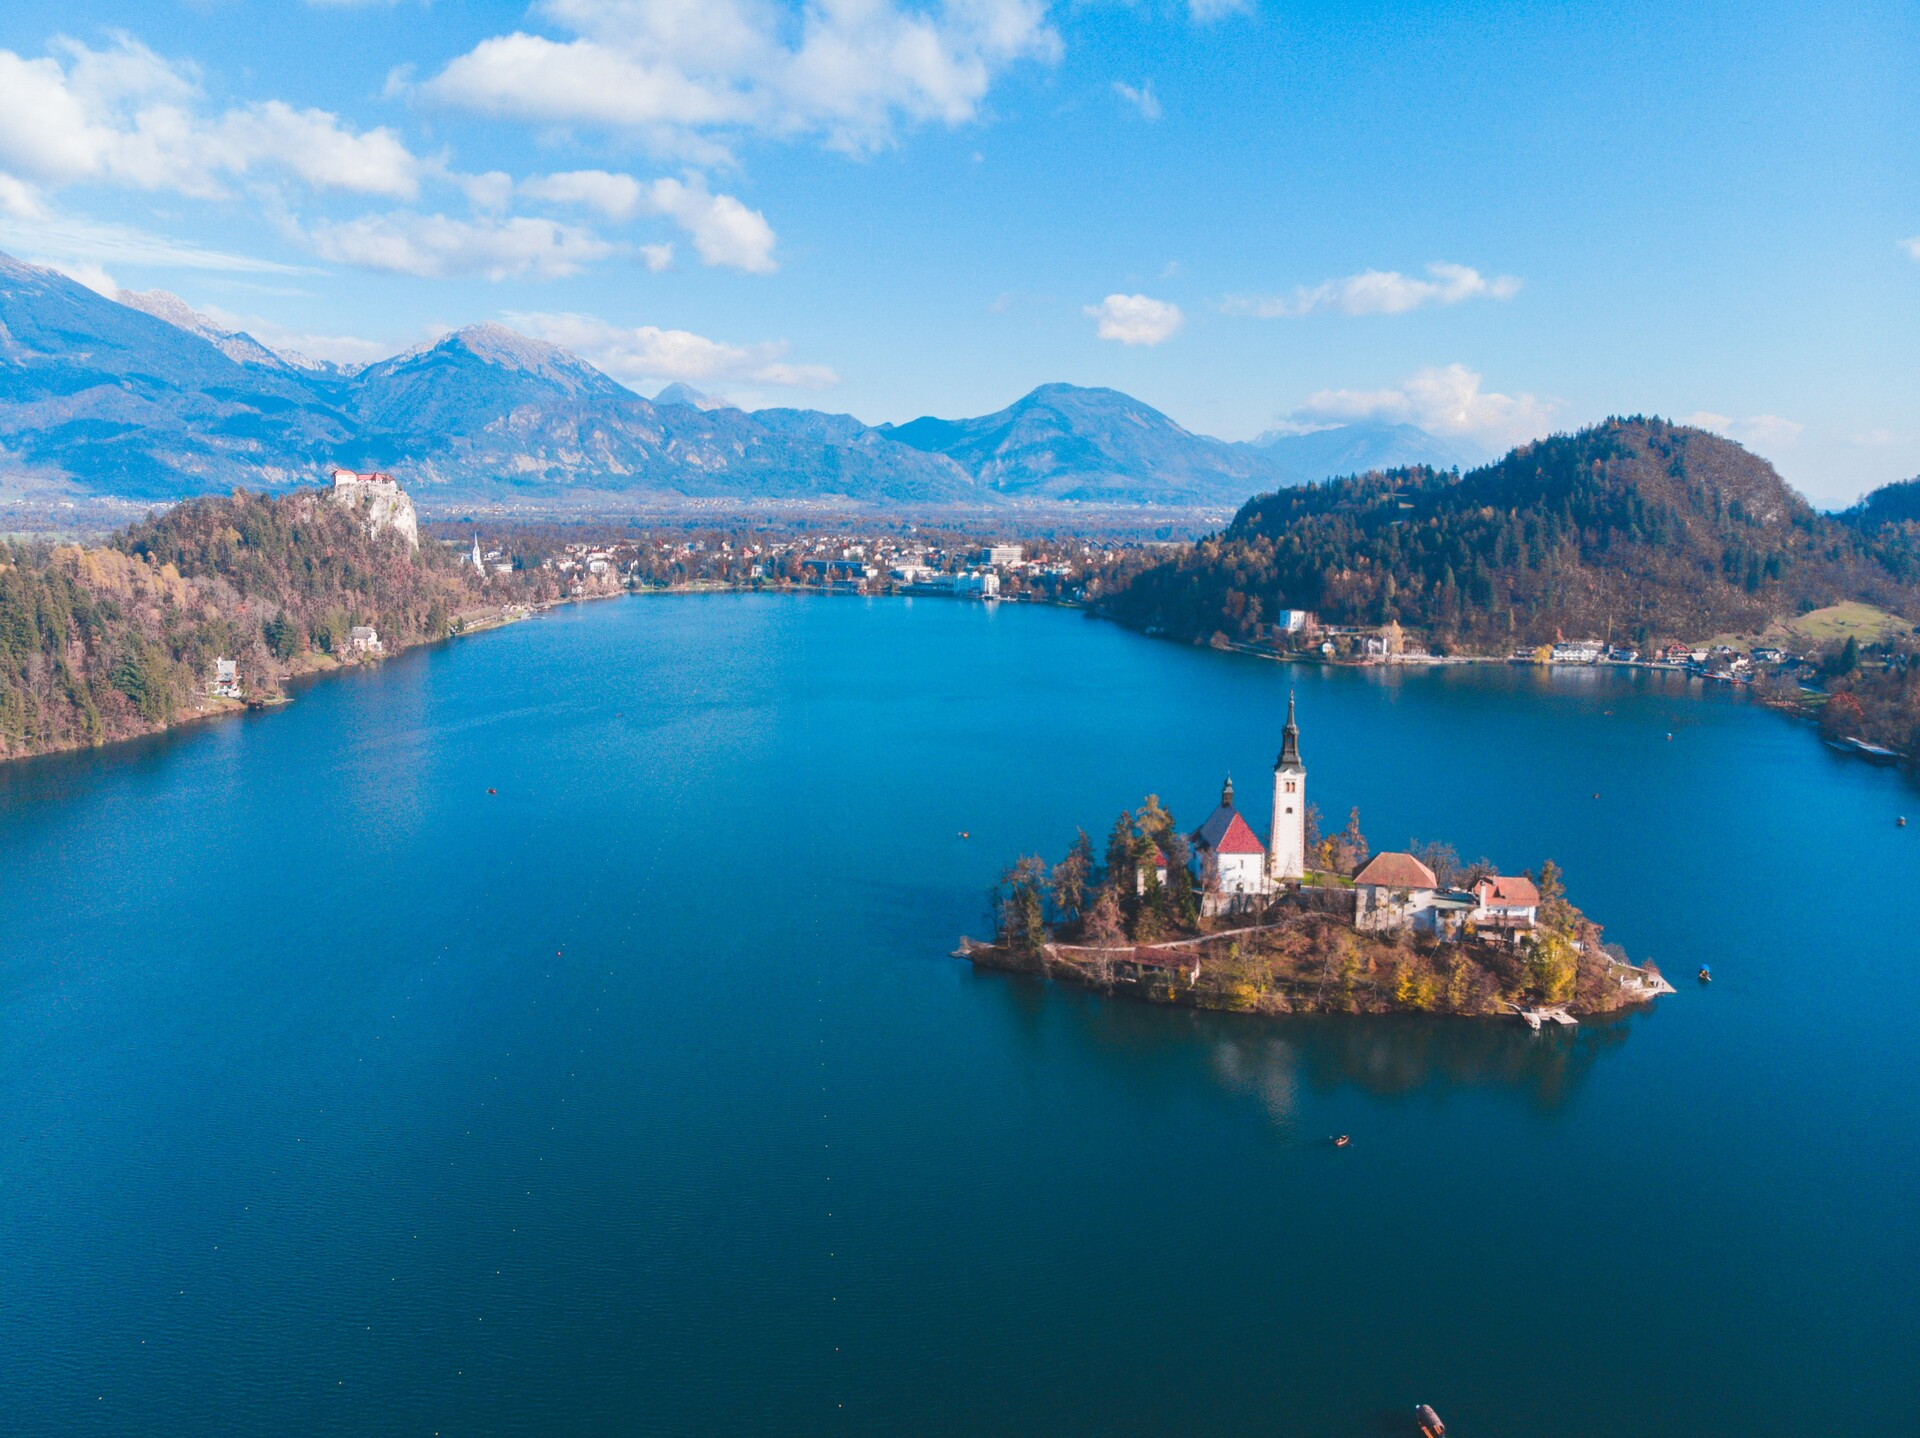 Gite in giornata da Lubiana - Posti da visitare ed escursioni intorno a Lubiana